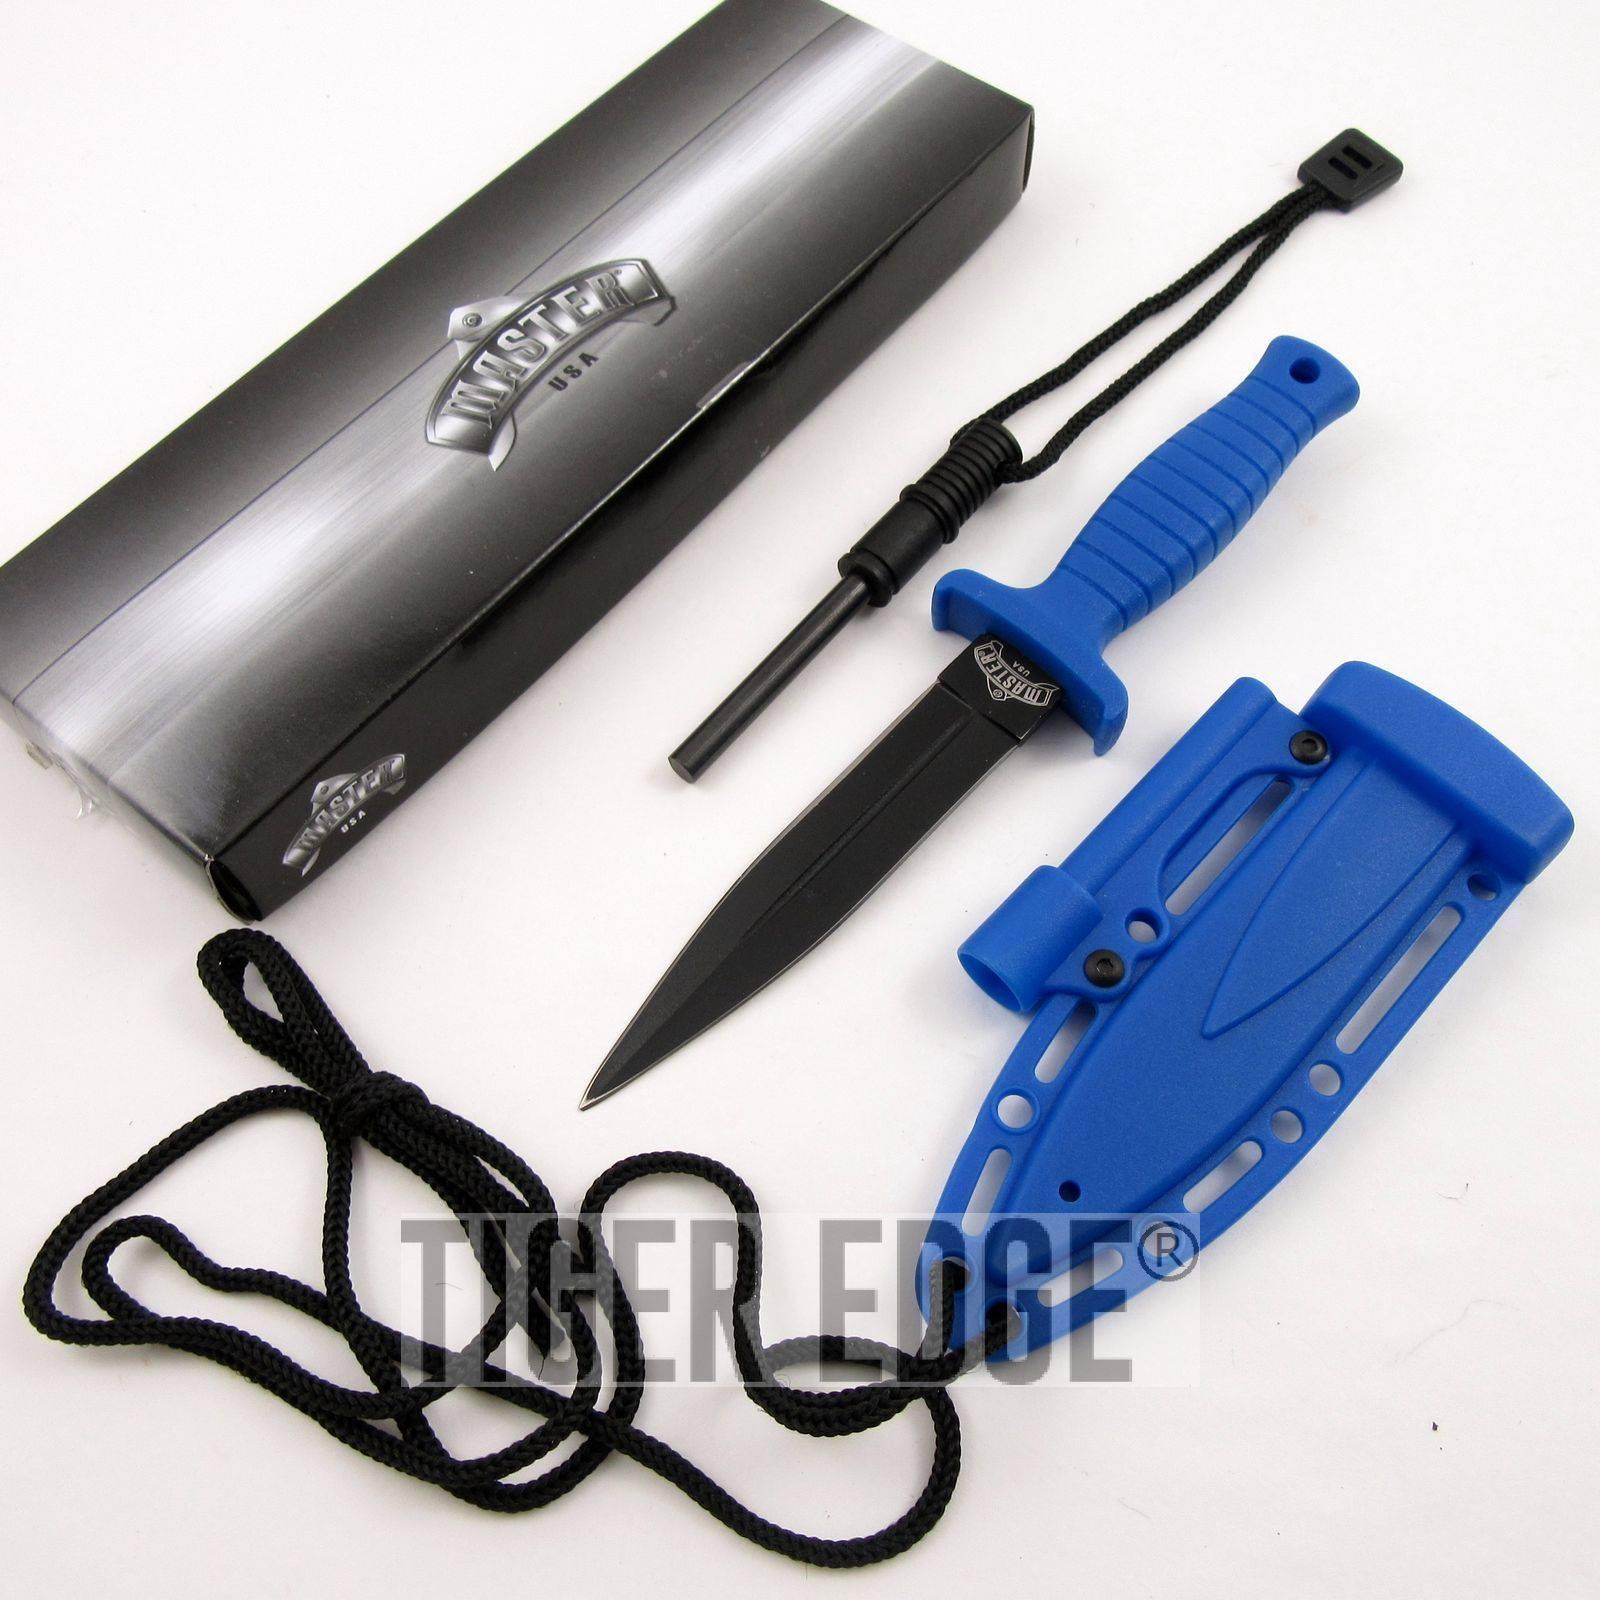 FIXED BLADE DAGGER Blue Firestarter Sheath Survival Tactical Boot Neck MU-1141BL